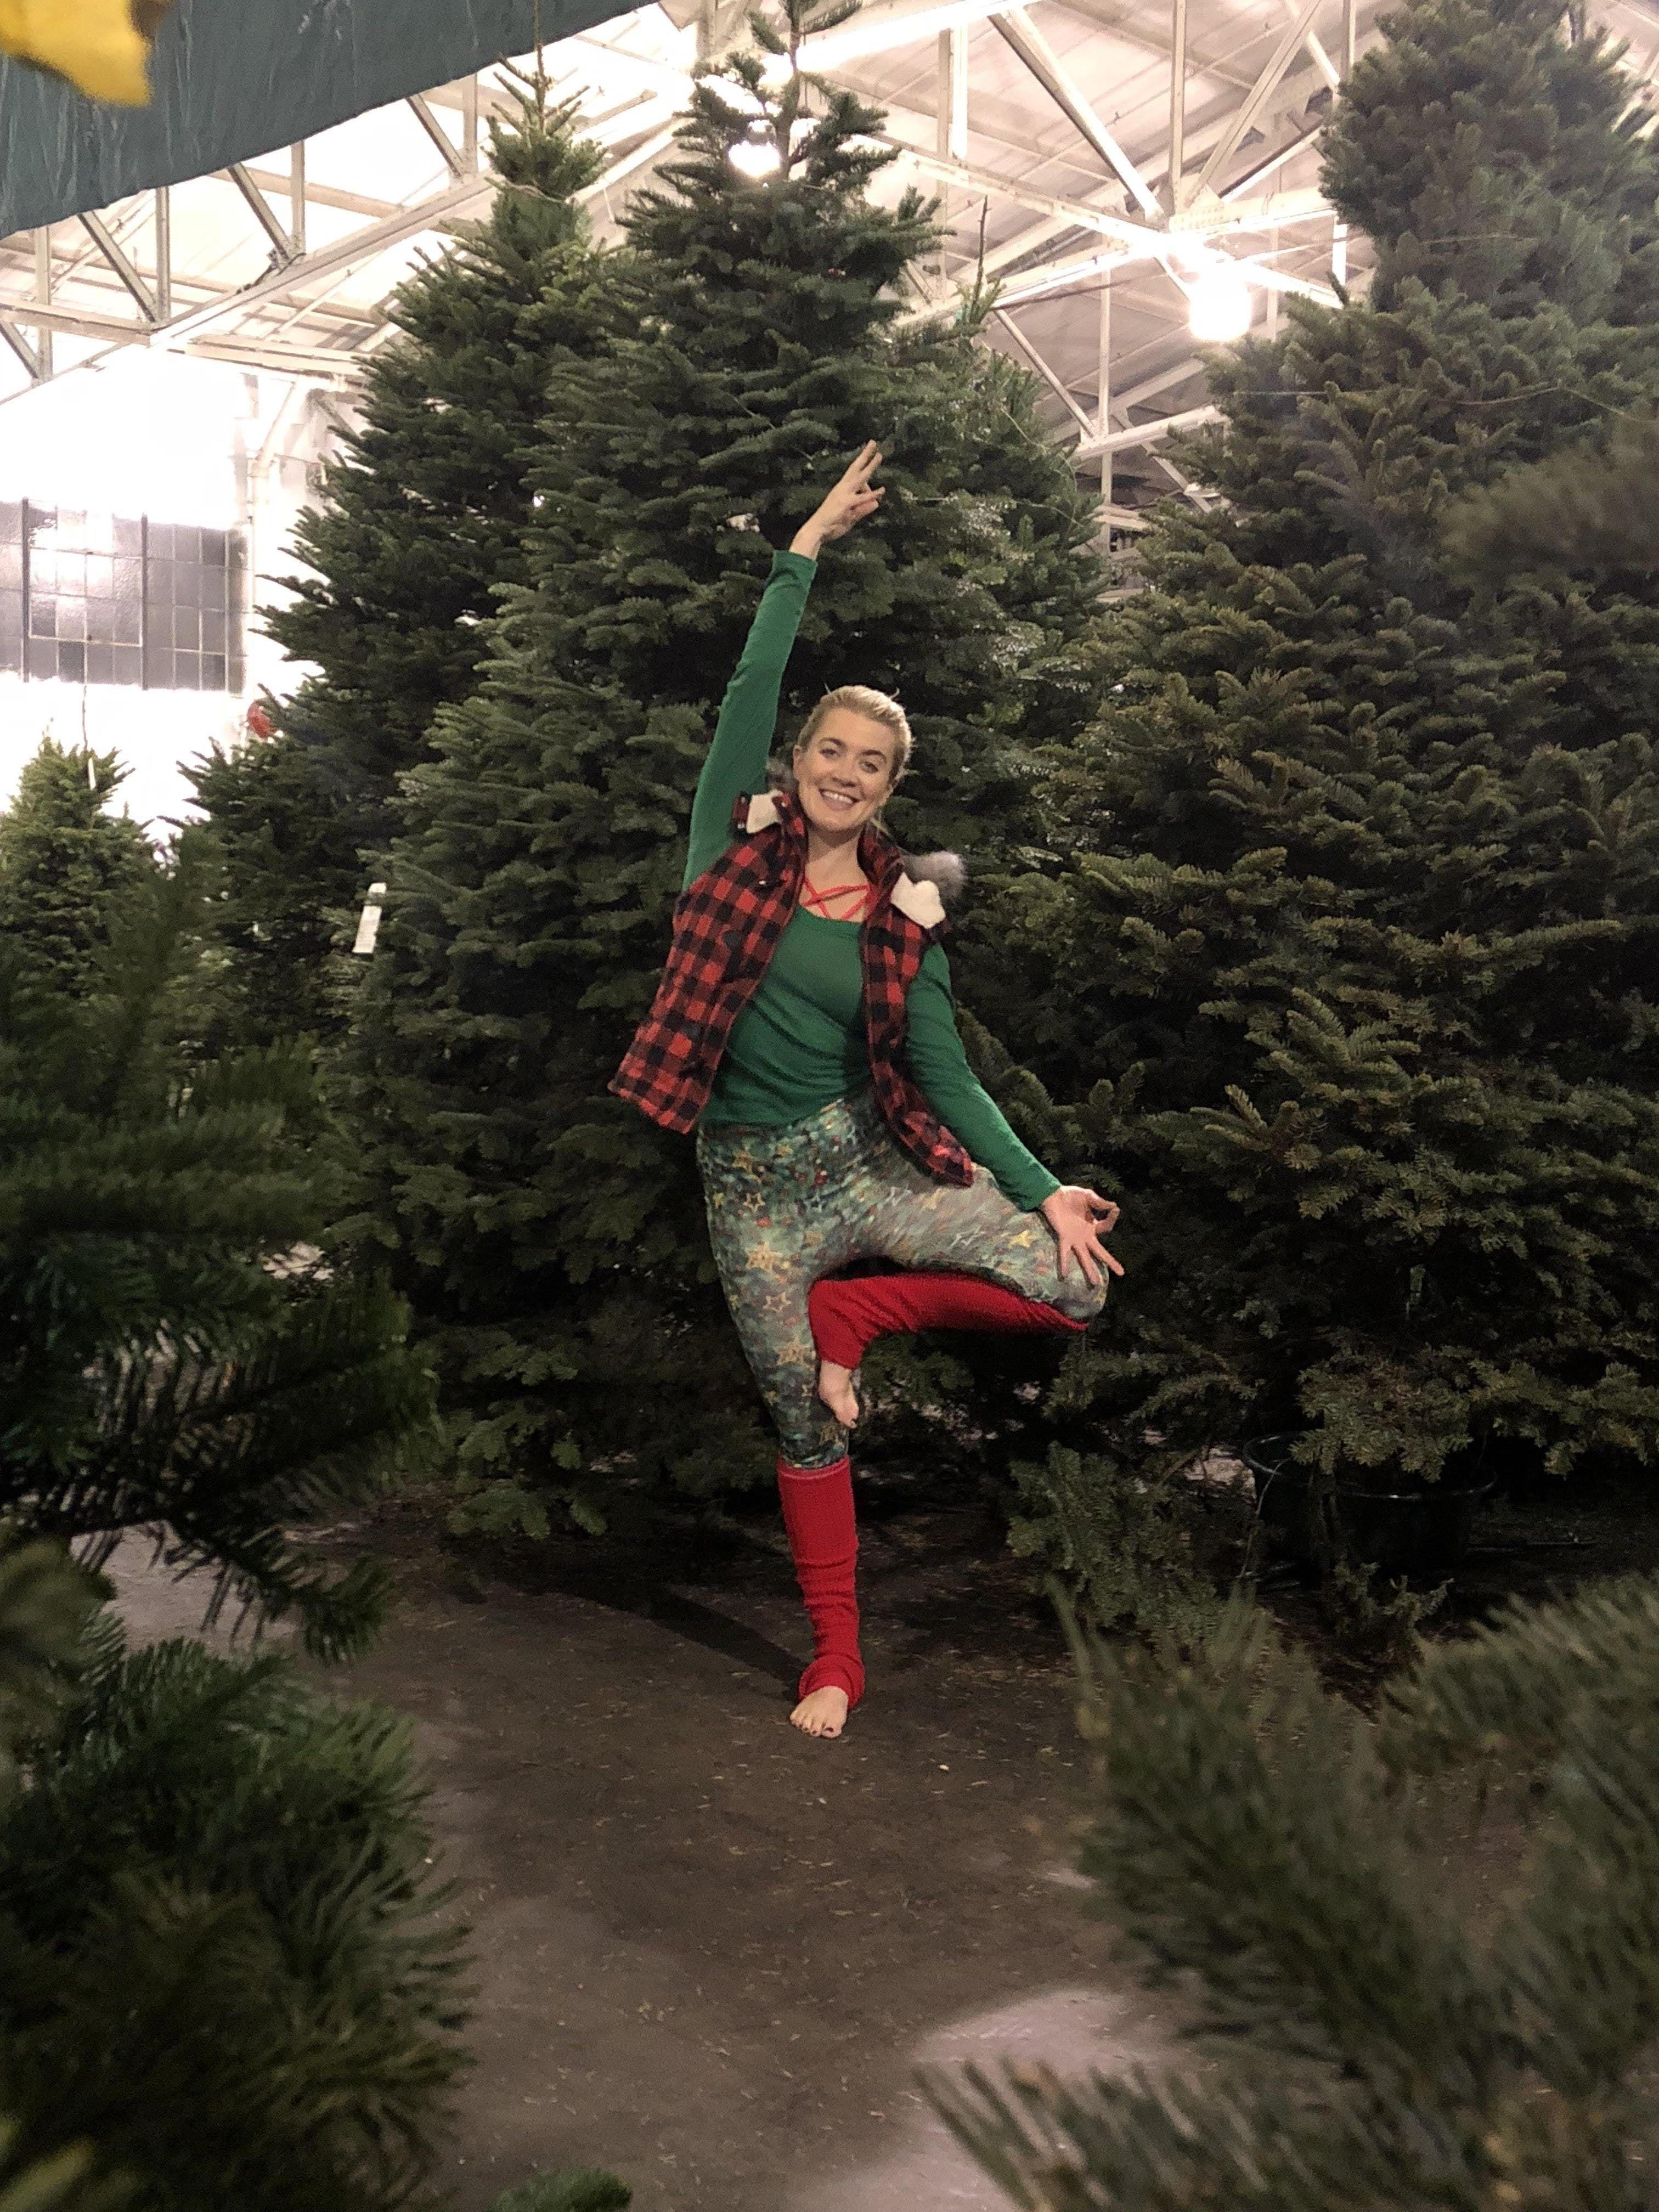 Vinyasa & Vino at The Guardsmen Tree Lot - December 9th